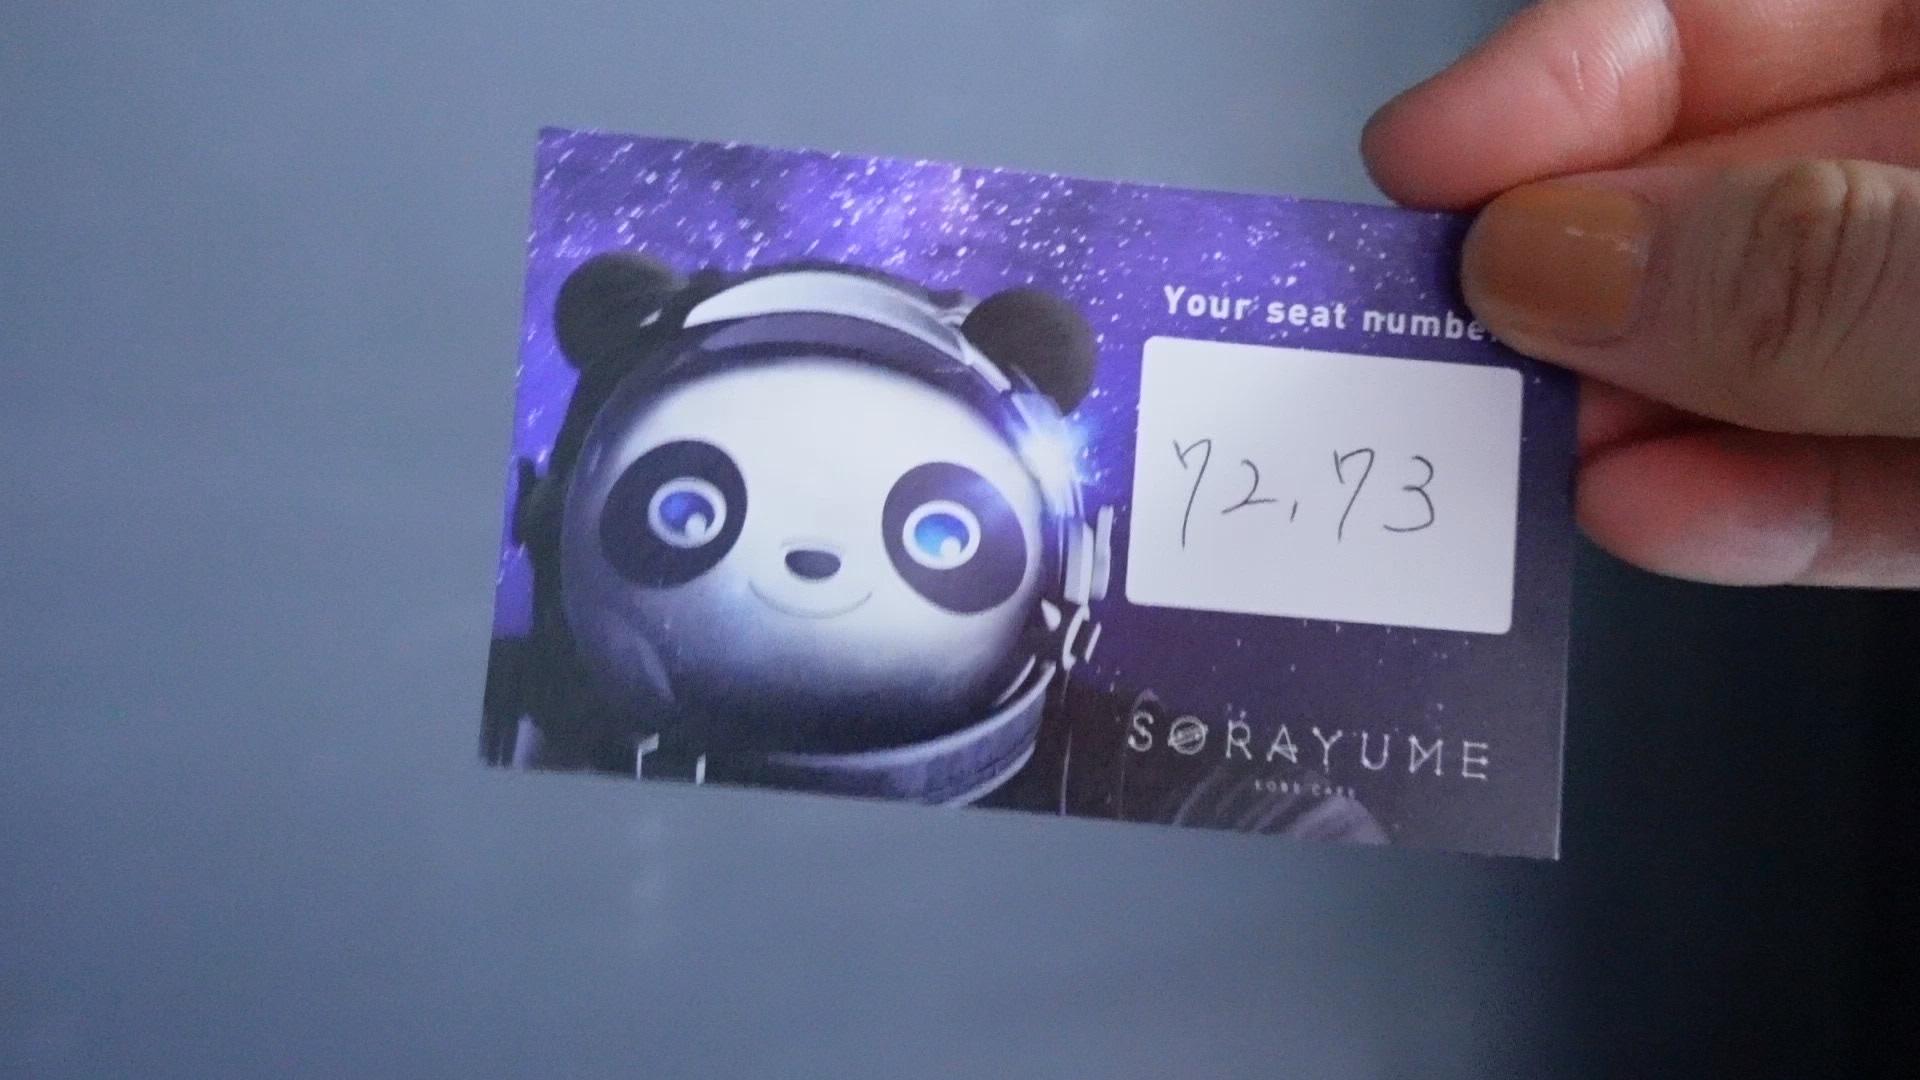 【神戸】宇宙空間体験型プロジェクションマッピングカフェがNew open!「SORA YUME KOBE CAFE」ではボックサンとのコラボスイーツがいただける!?_6